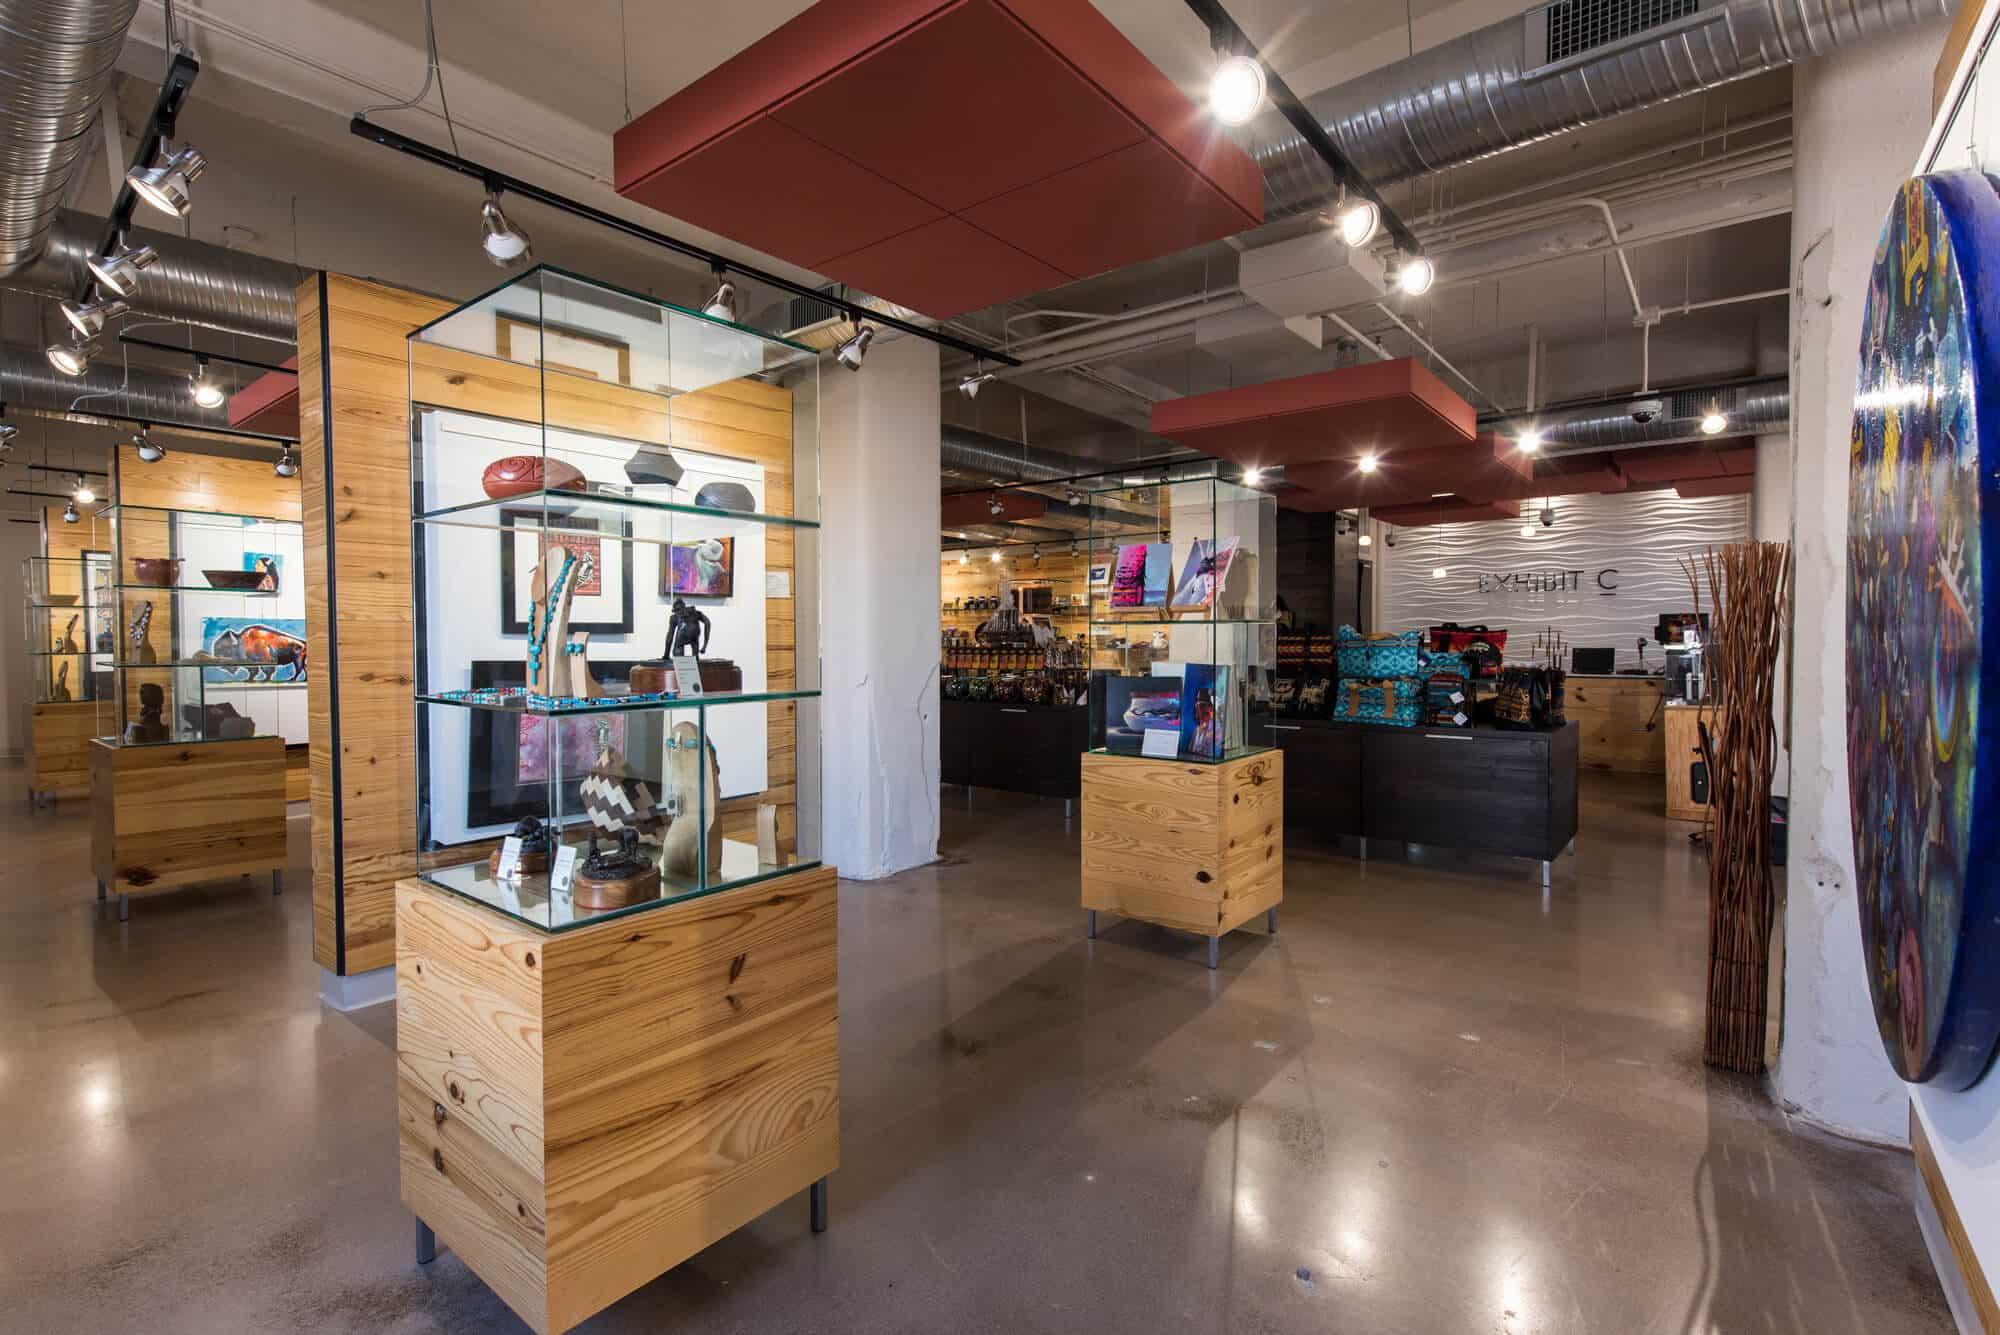 Exhbit C gallery interior in Oklahoma City